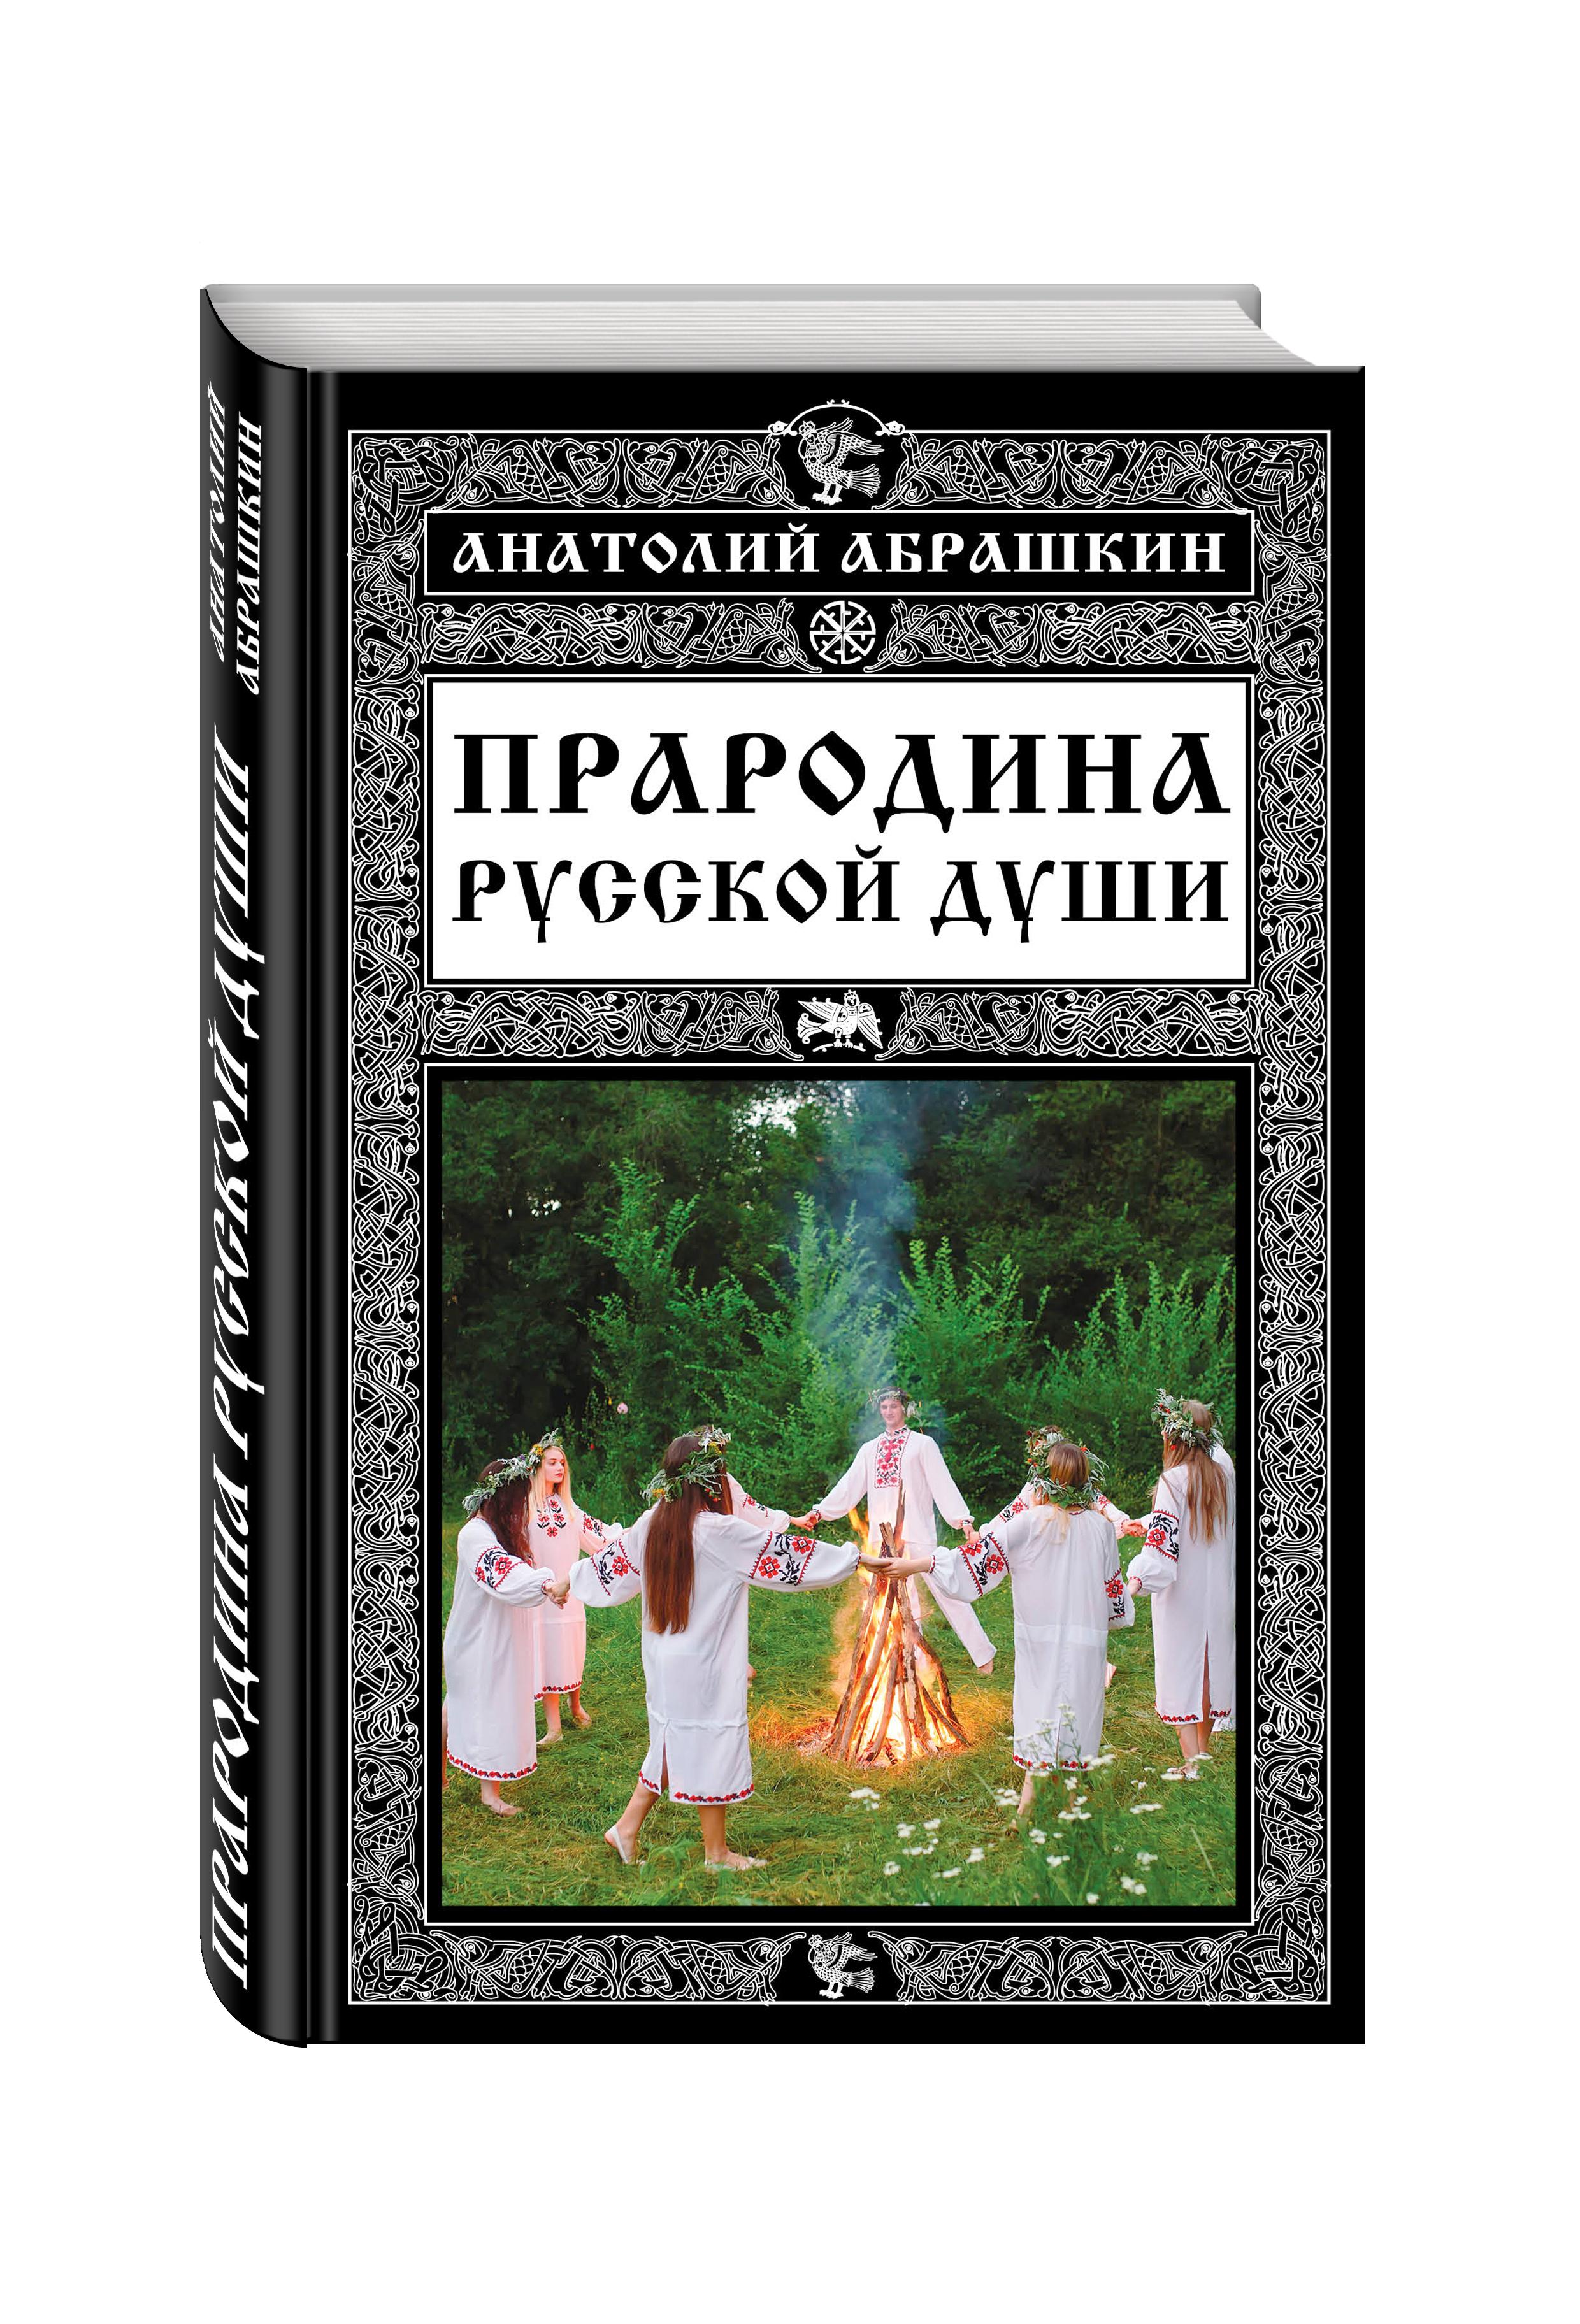 Прародина русской души ( Анатолий Абрашкин  )